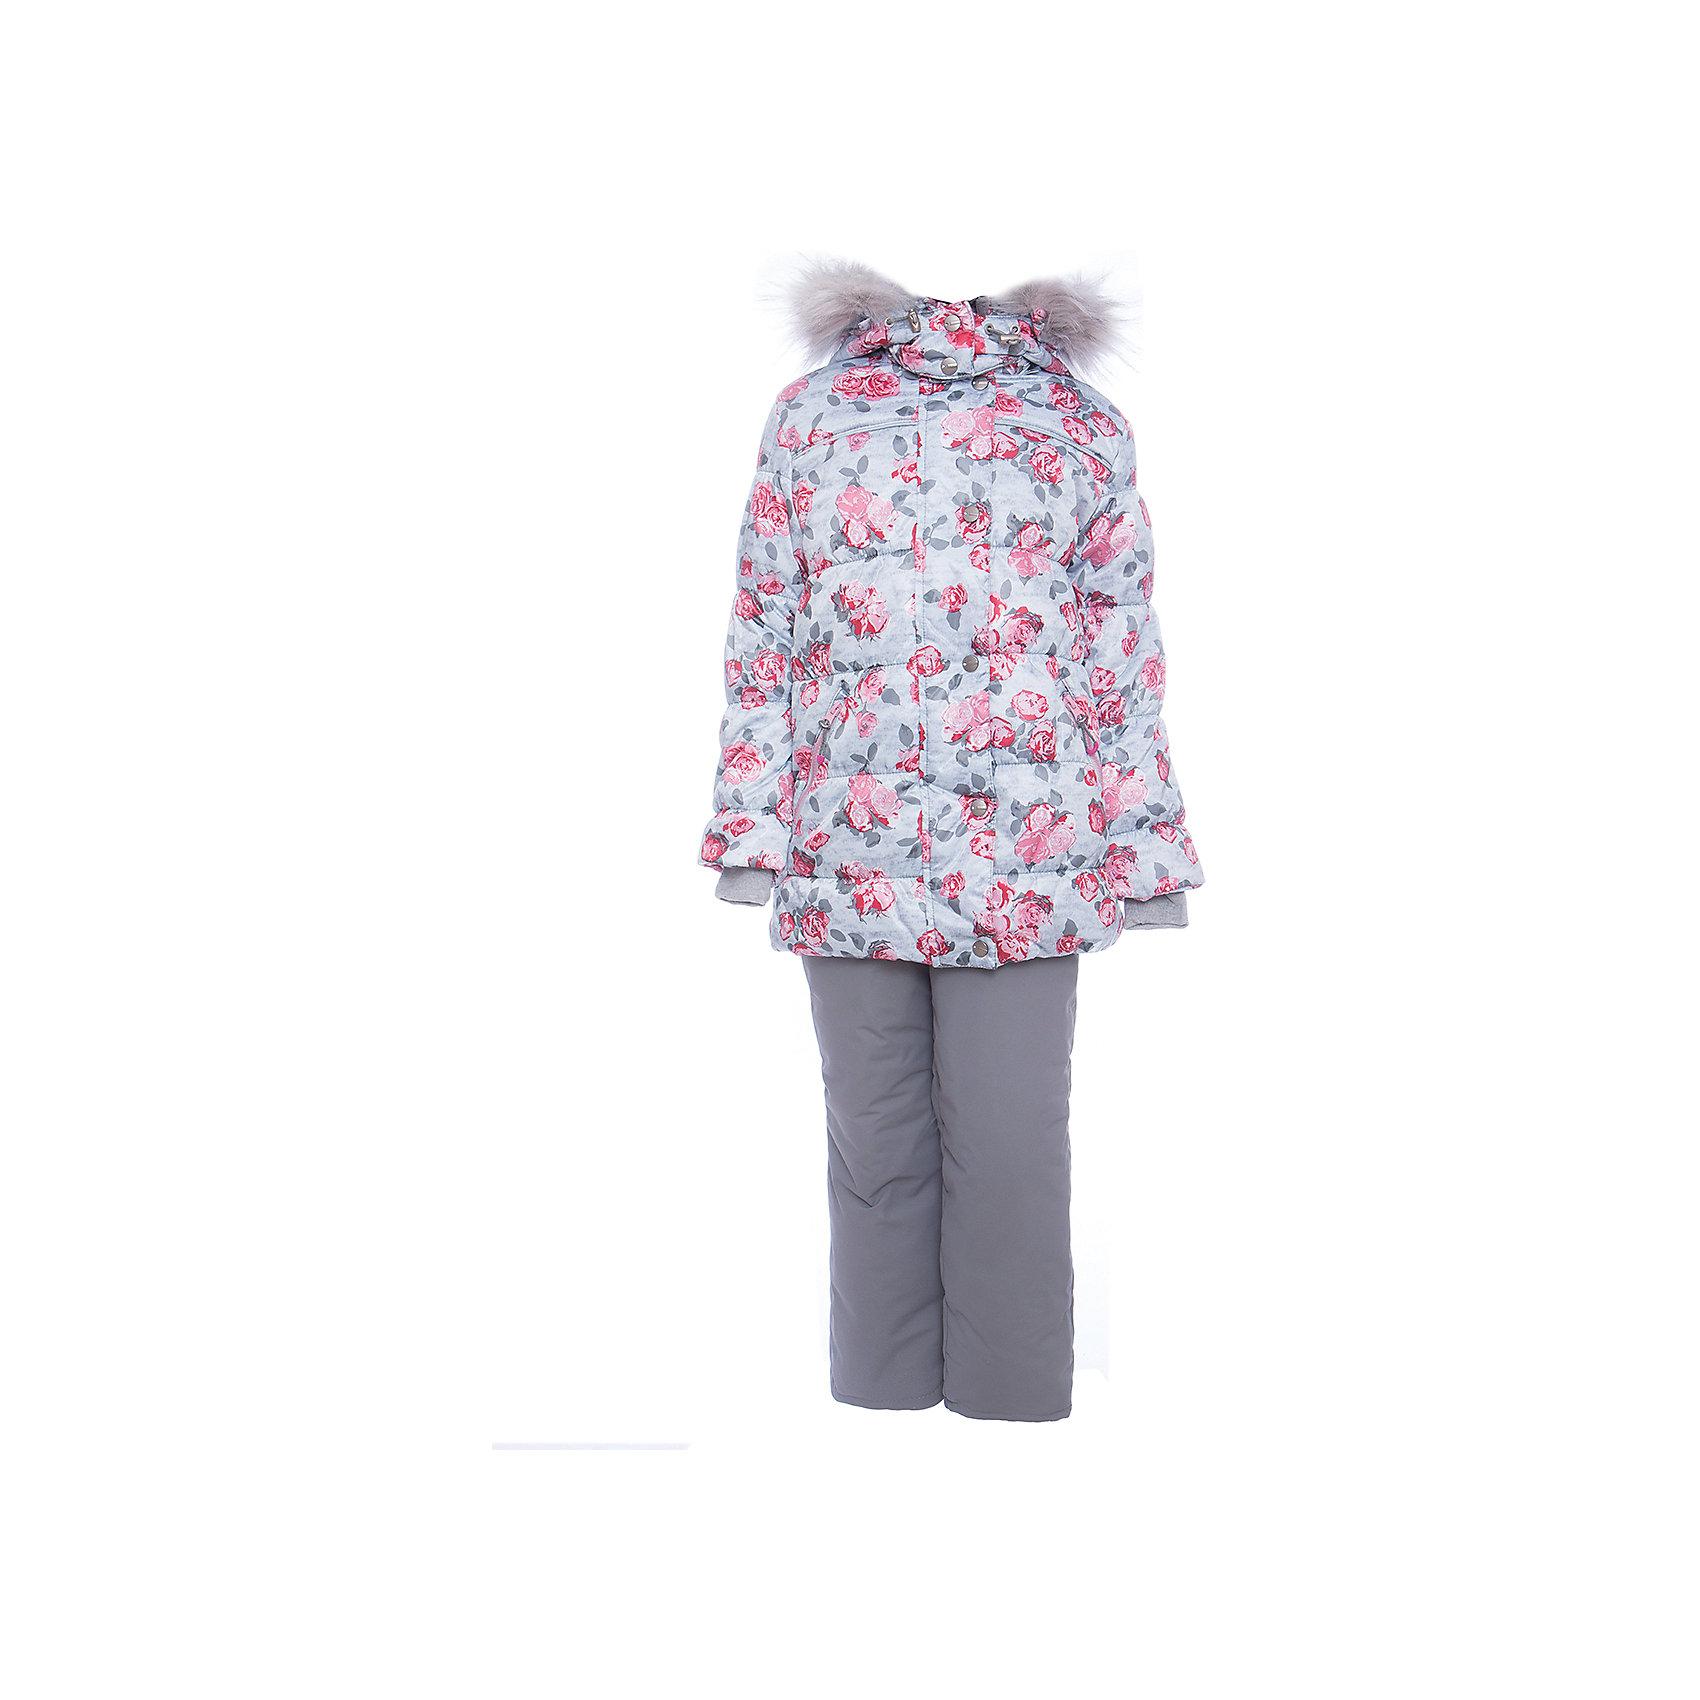 Комплект: куртка и полукомбенизон Белла BatikВерхняя одежда<br>Характеристики товара:<br><br>• цвет: красный<br>• комплектация: куртка и полукомбинезон <br>• состав ткани: твил<br>• подкладка: поларфлис<br>• утеплитель: слайтекс, синтепон <br>• сезон: зима<br>• мембранное покрытие<br>• температурный режим: от -35 до 0<br>• водонепроницаемость: 5000 мм <br>• паропроницаемость: 5000 г/м2<br>• плотность утеплителя: куртка - 300 г/м2, полукомбинезон - 200 г/м2<br>• застежка: молния<br>• капюшон: с мехом, отстегивается<br>• встроенный термодатчик<br>• страна бренда: Россия<br>• страна изготовитель: Россия<br><br>Зимний комплект Batik для девочки дополнен продуманными элементами, обеспечивающими тепло и комфорт. Капюшон, карманы, молния - всё это делает зимний комплект очень удобным. Верх мембранного комплекта плотный и износостойкий, подкладка детского комплекта сделана из мягкого флиса.<br><br>Комплект: куртка и полукомбинезон Белла Batik (Батик) для девочки можно купить в нашем интернет-магазине.<br><br>Ширина мм: 356<br>Глубина мм: 10<br>Высота мм: 245<br>Вес г: 519<br>Цвет: красный<br>Возраст от месяцев: 36<br>Возраст до месяцев: 48<br>Пол: Унисекс<br>Возраст: Детский<br>Размер: 104,122,116,110<br>SKU: 7028172